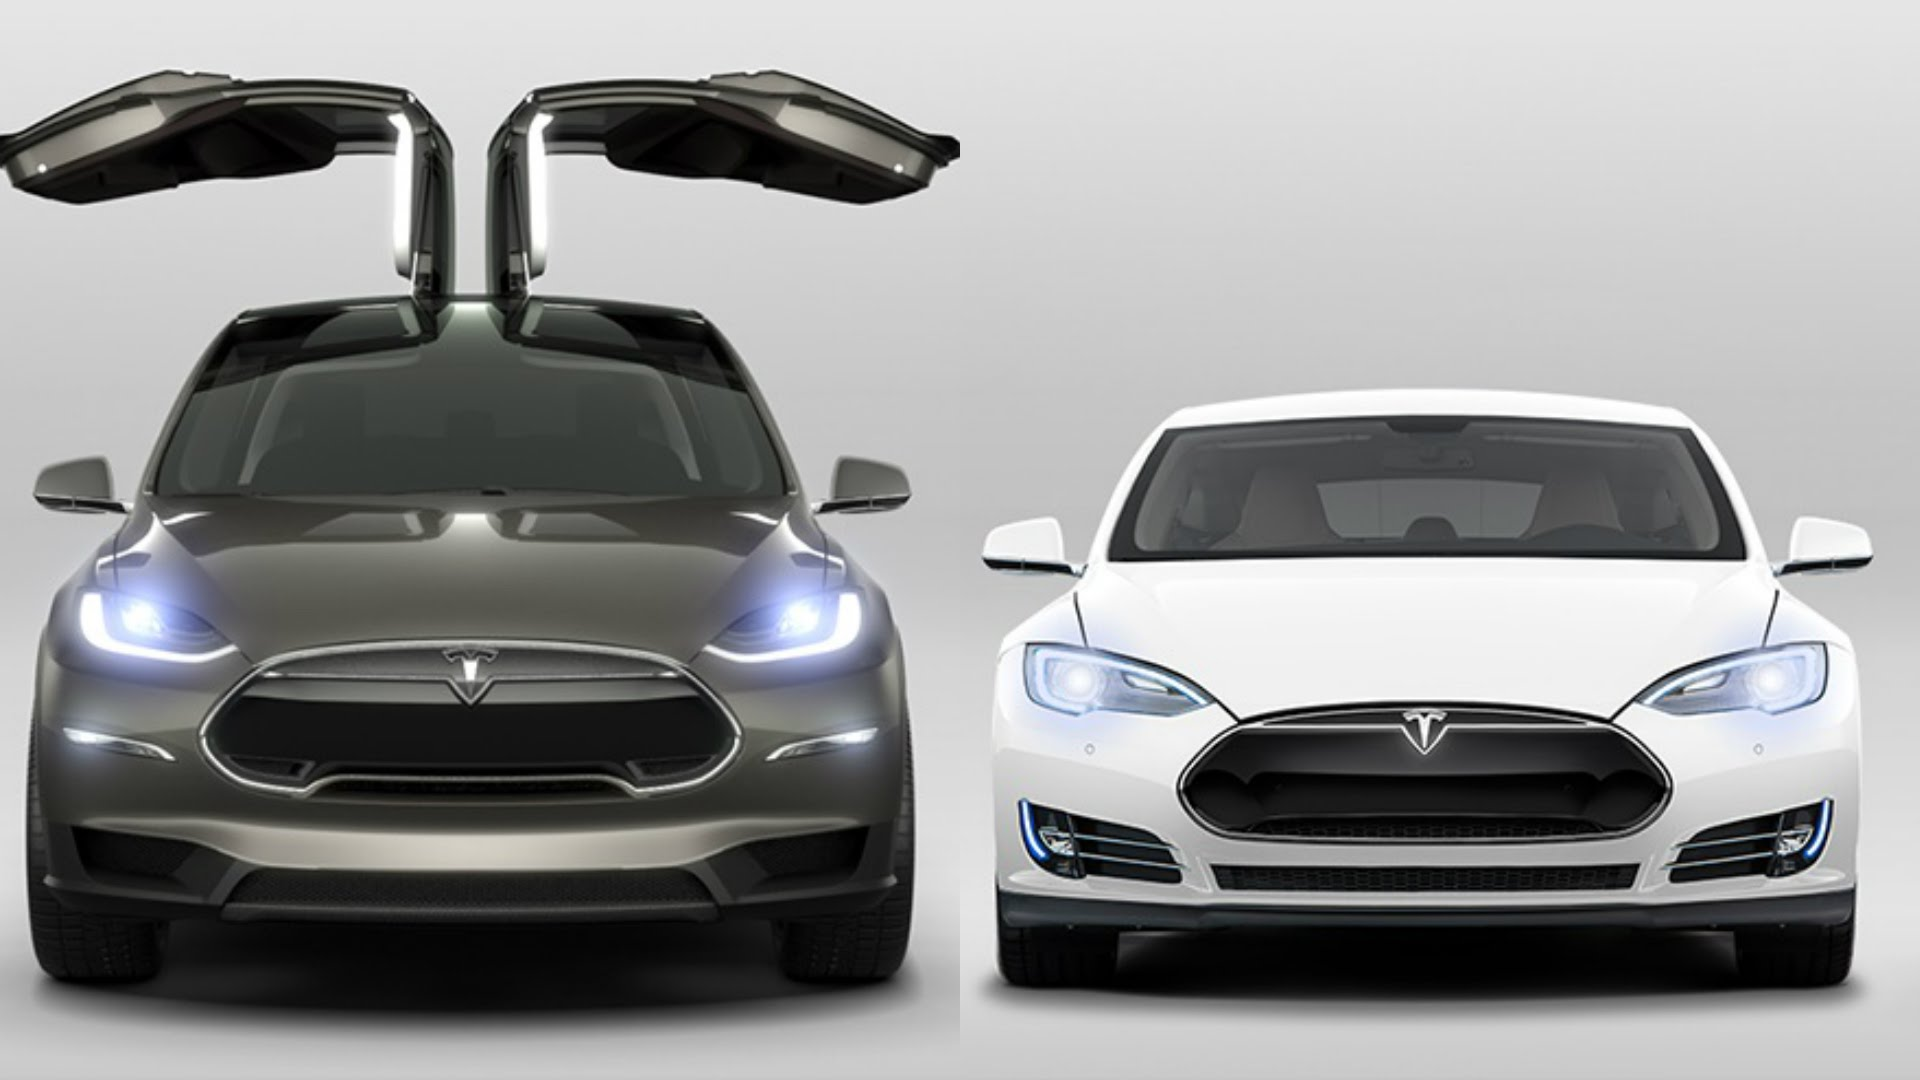 Tesla model X - model S